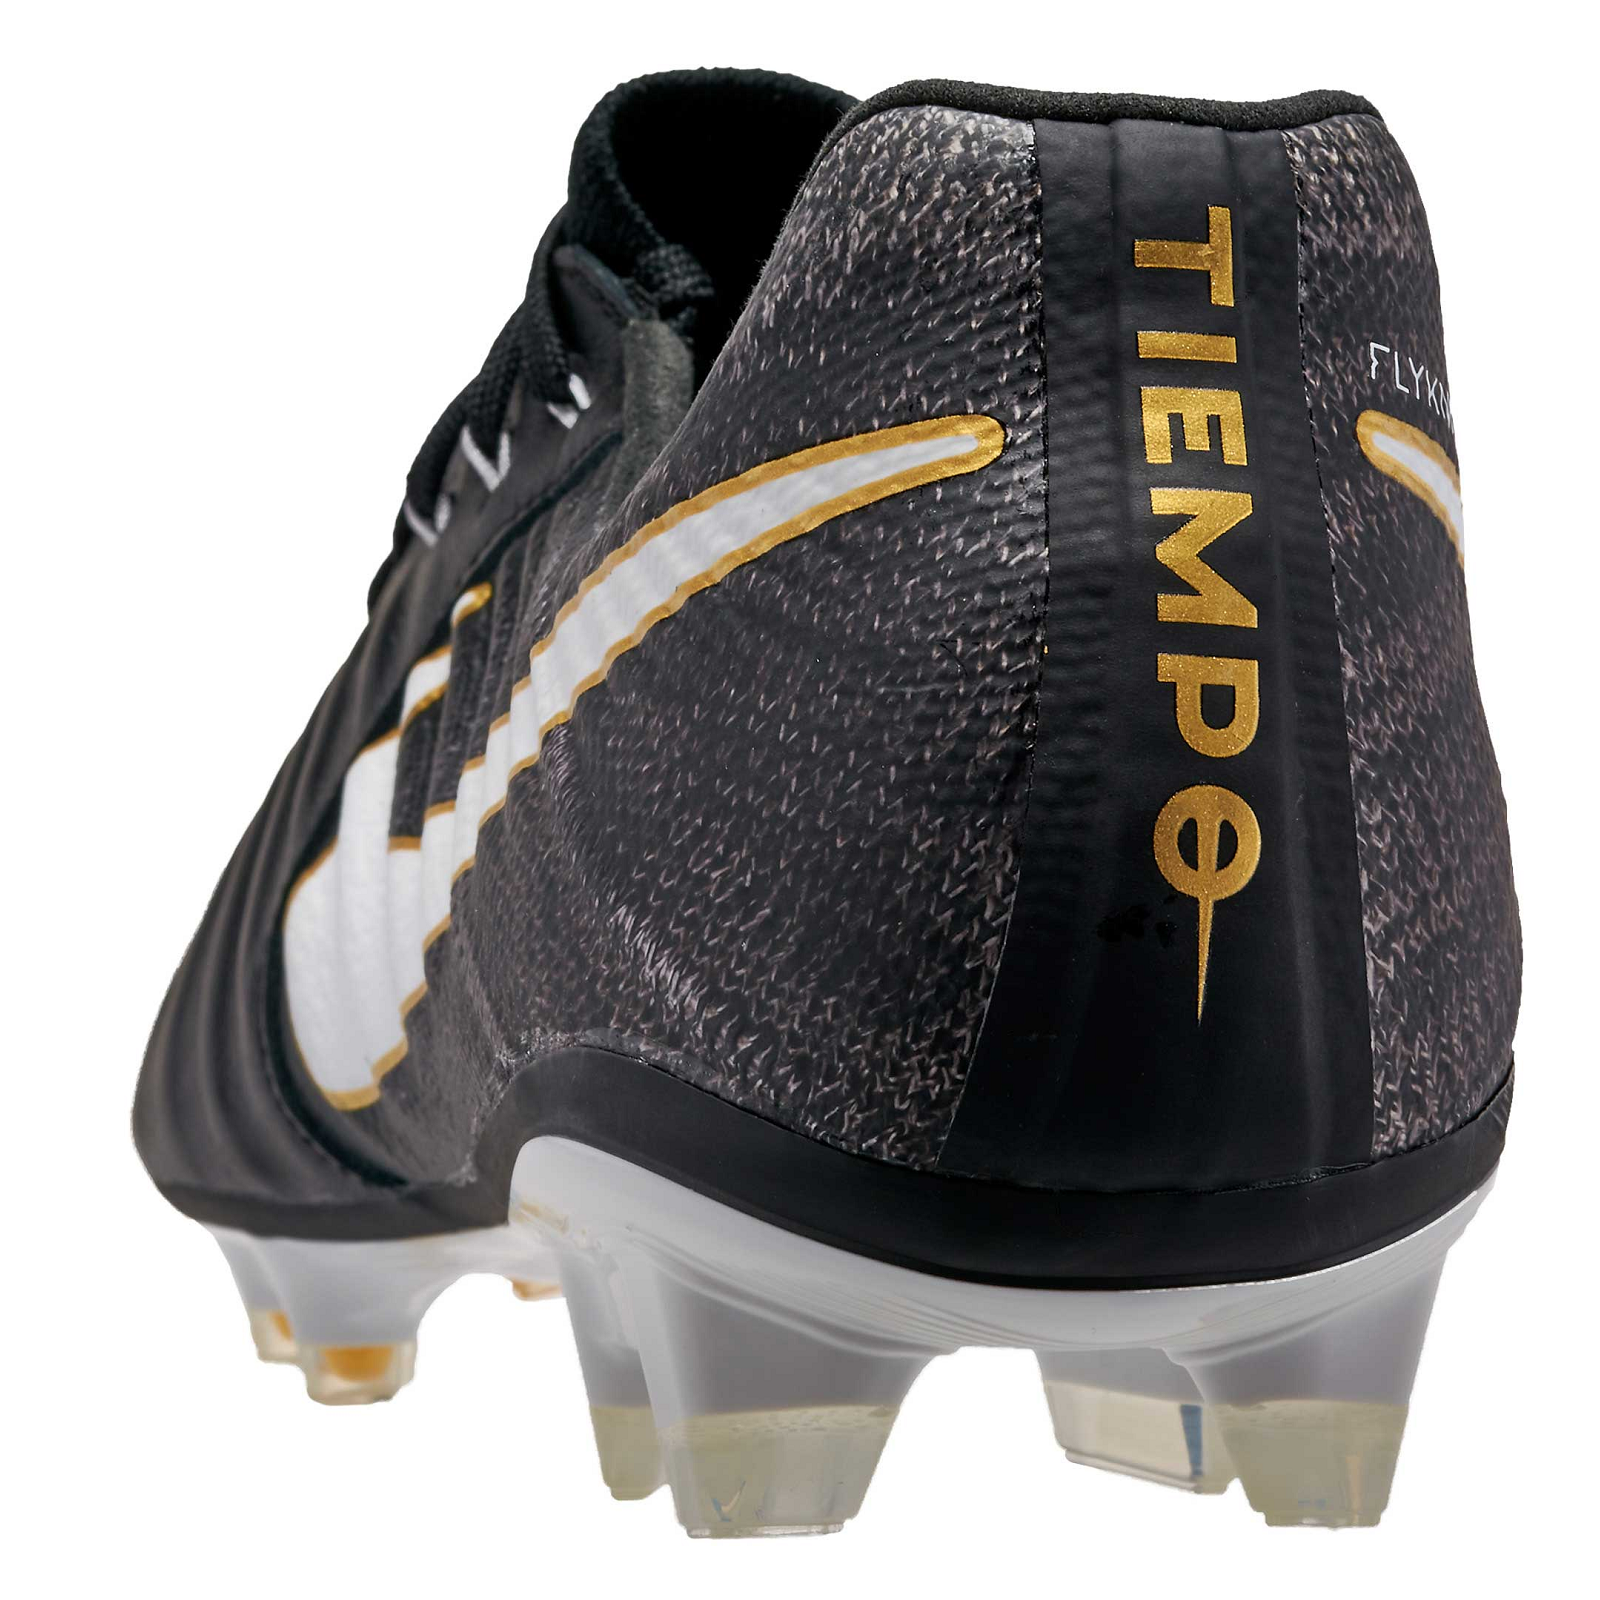 size 40 f8931 33e50 Nike Tiempo Legend VII FG Fußballschuhe schwarz/weiss 897752-002